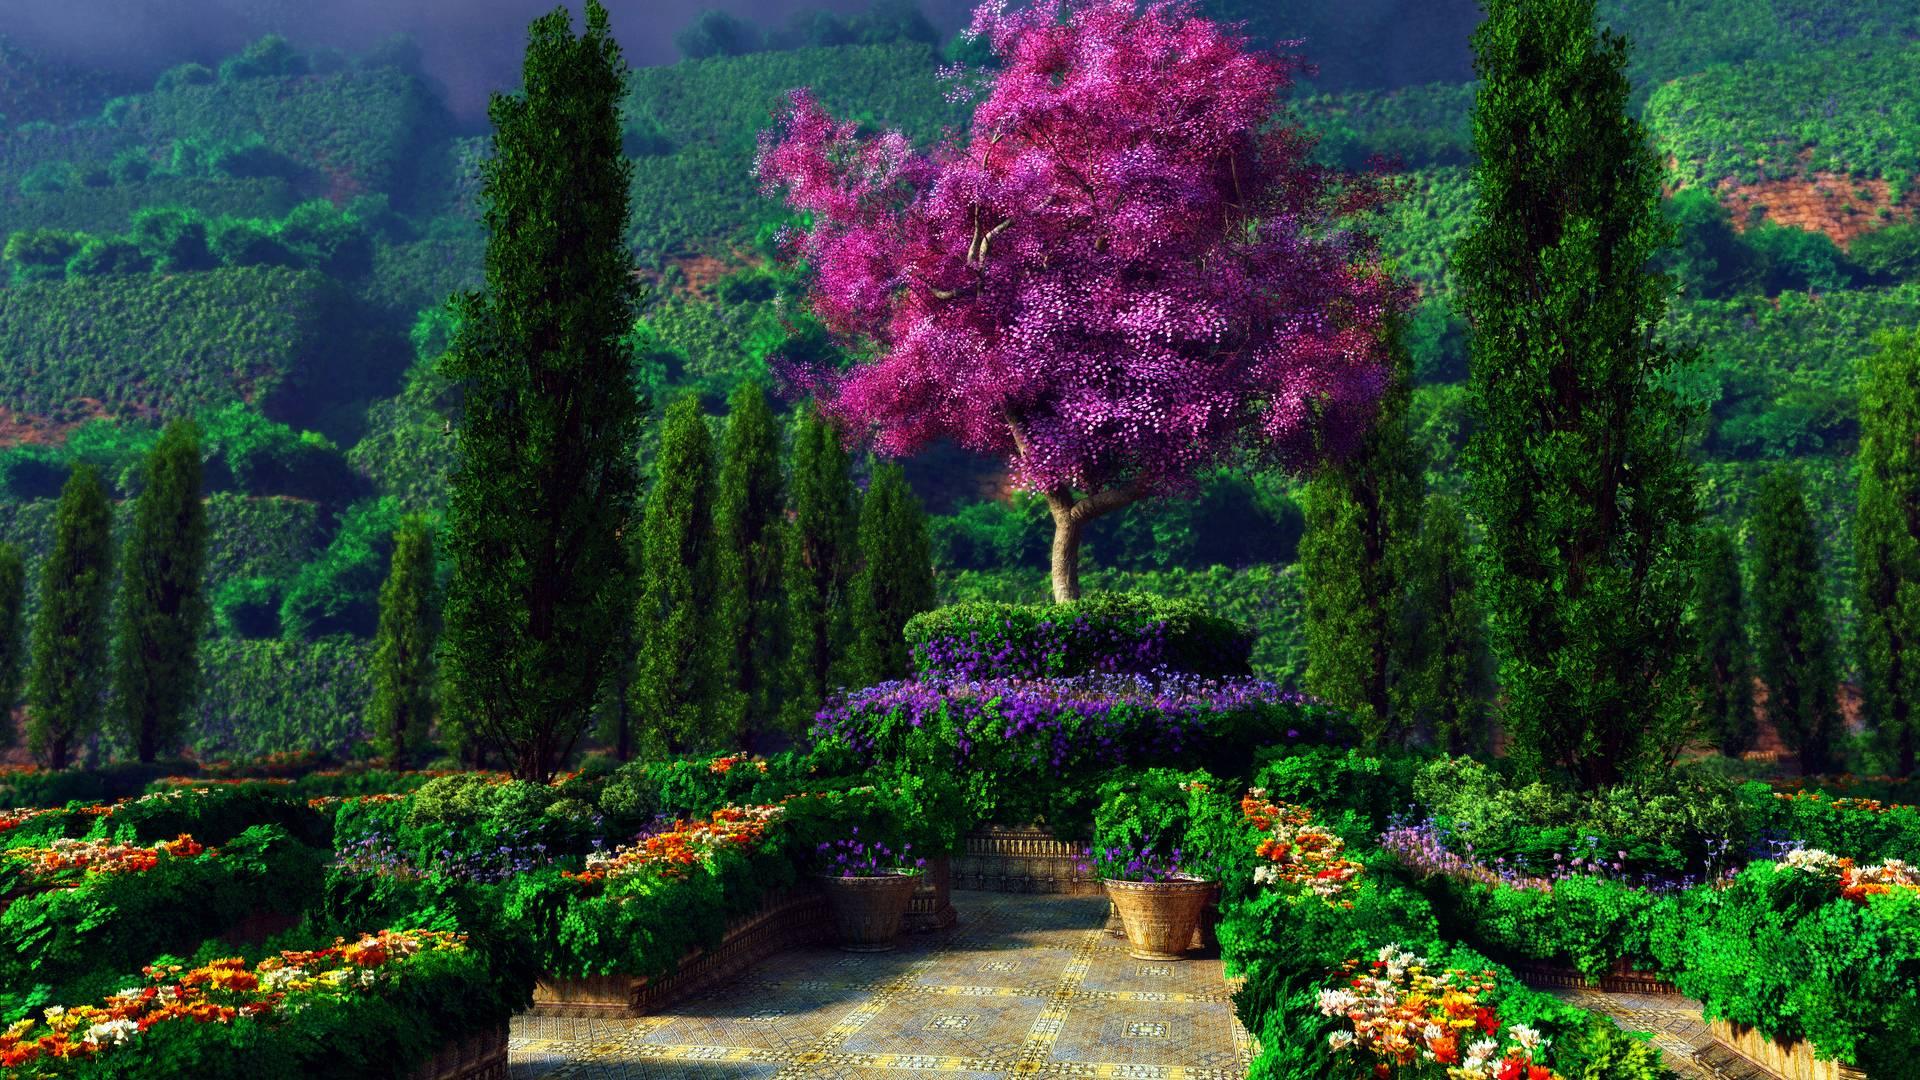 Wallpaper download garden - 1399391 Jpg